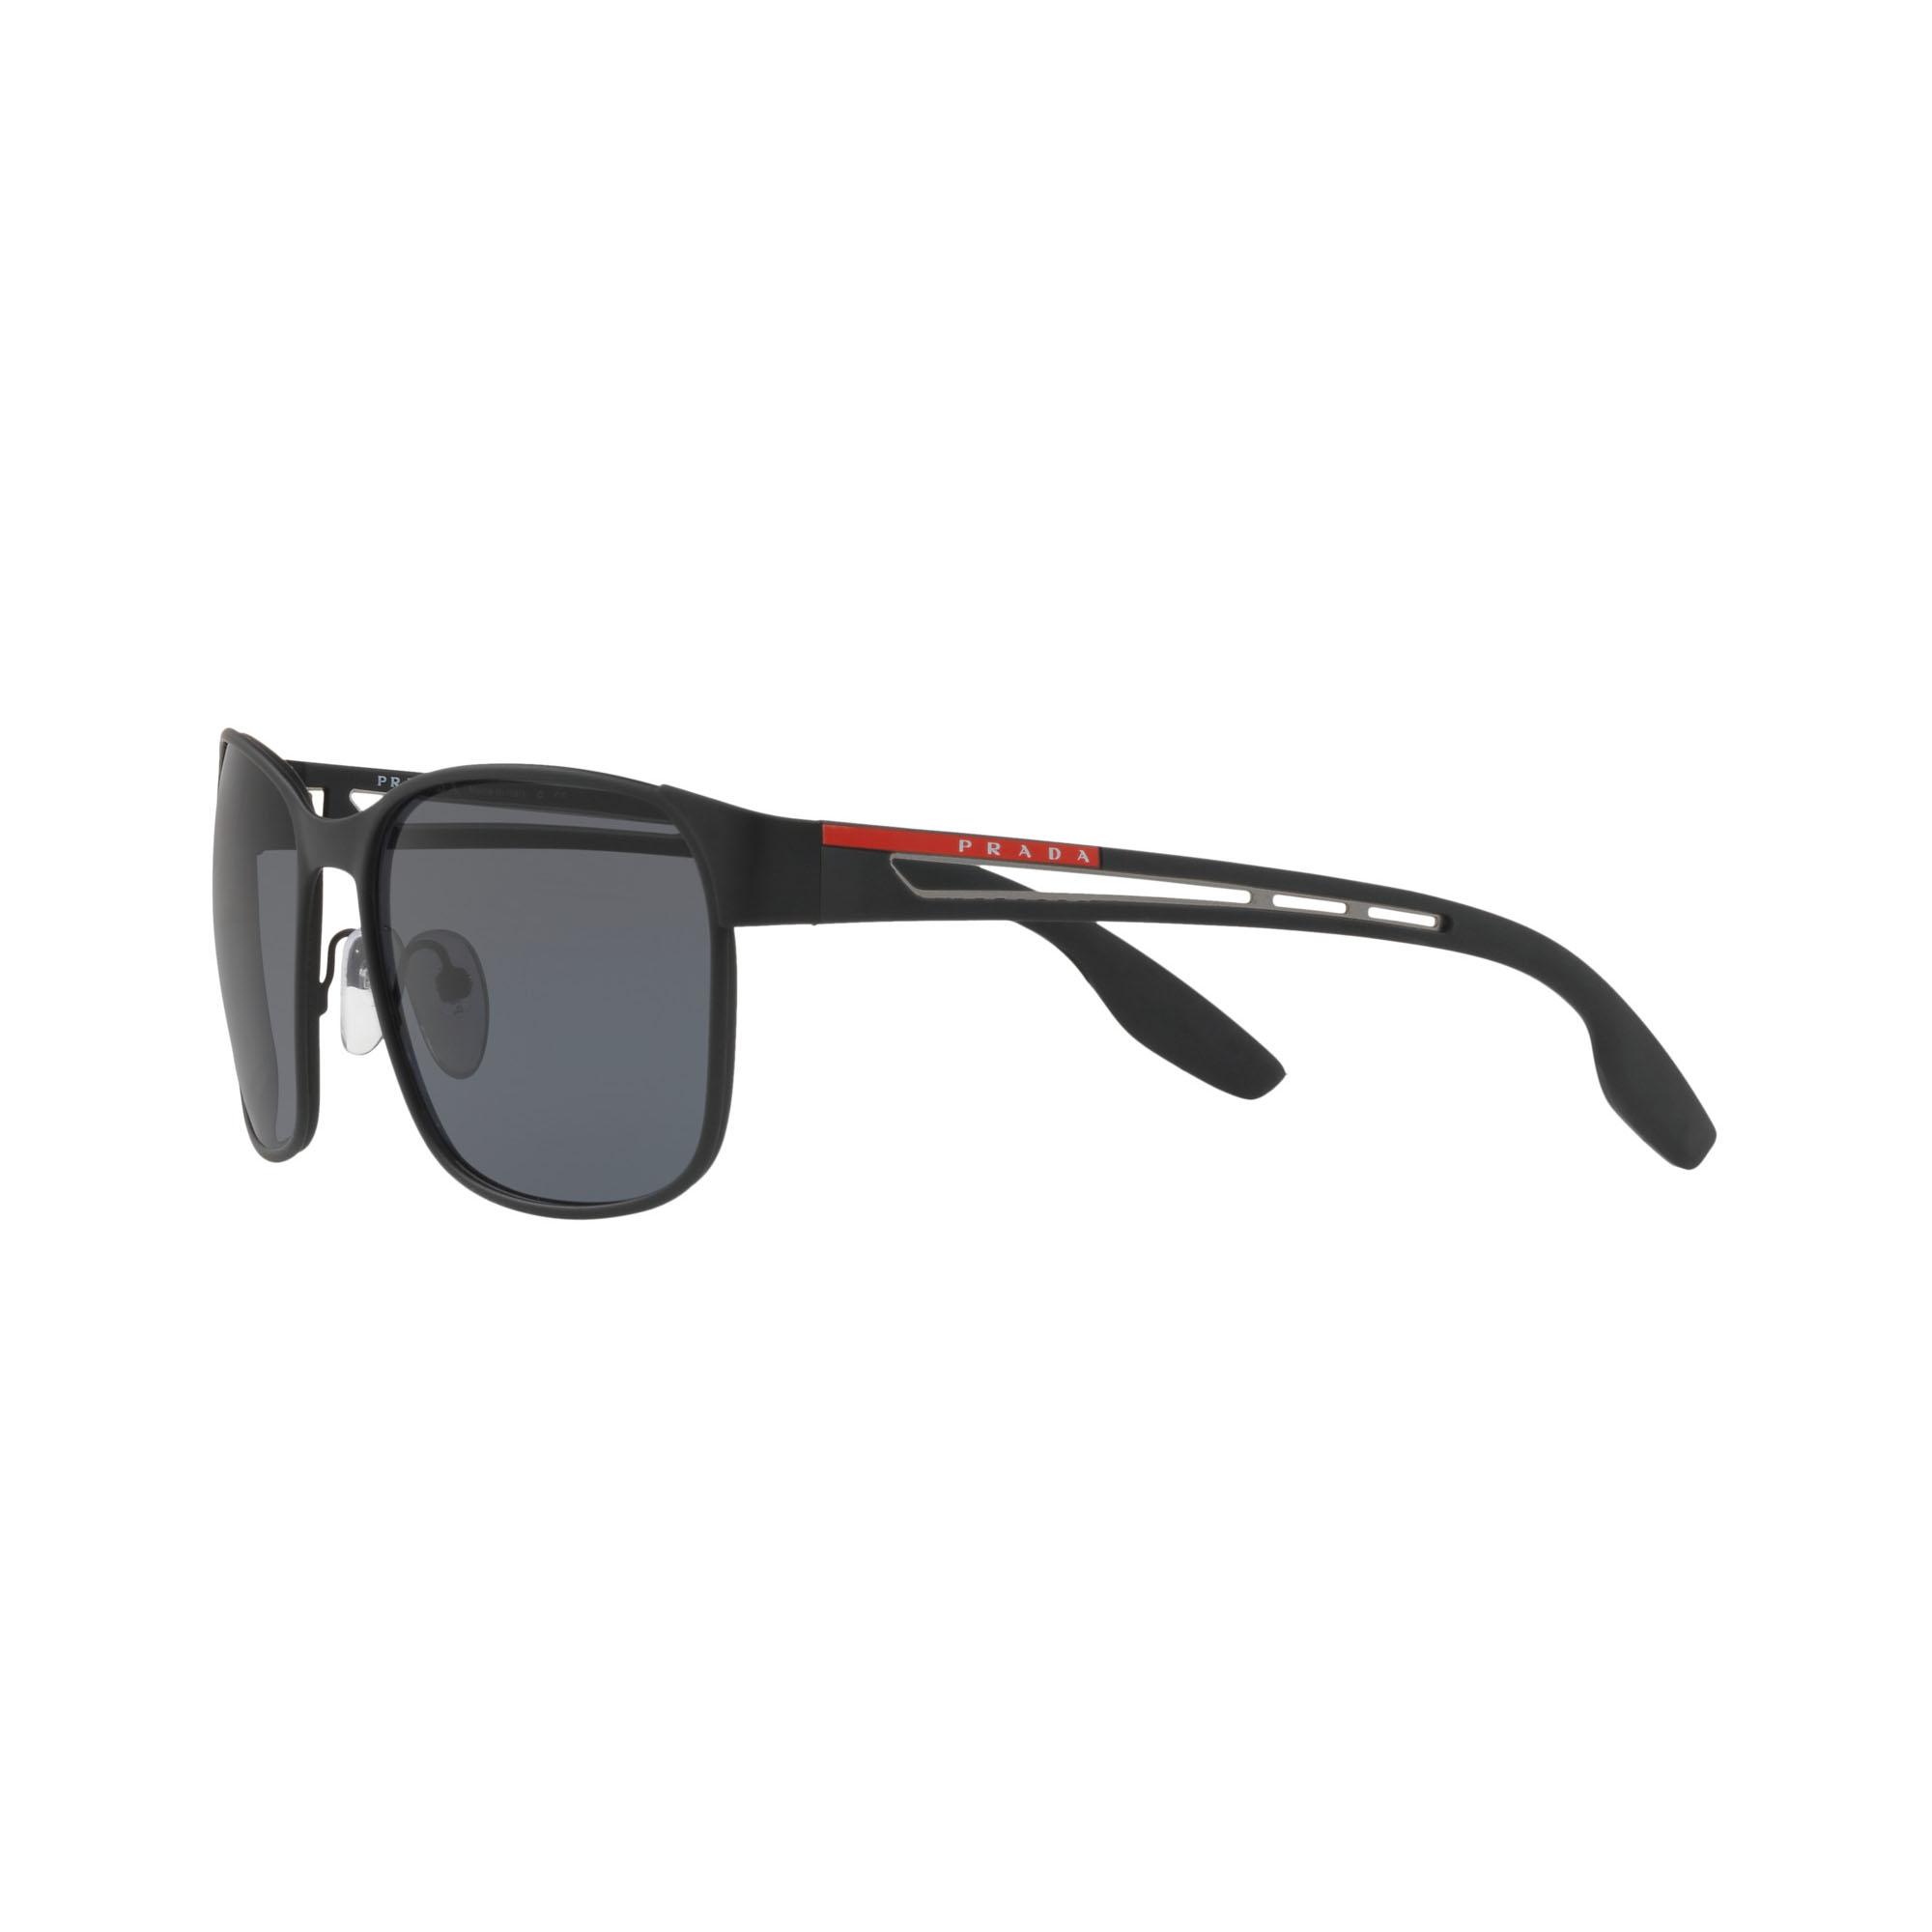 8ee52cebab42 ... Миниатюра фотографии Солнцезащитные очки Prada 52TS-DG05S0 2 из 4 ...